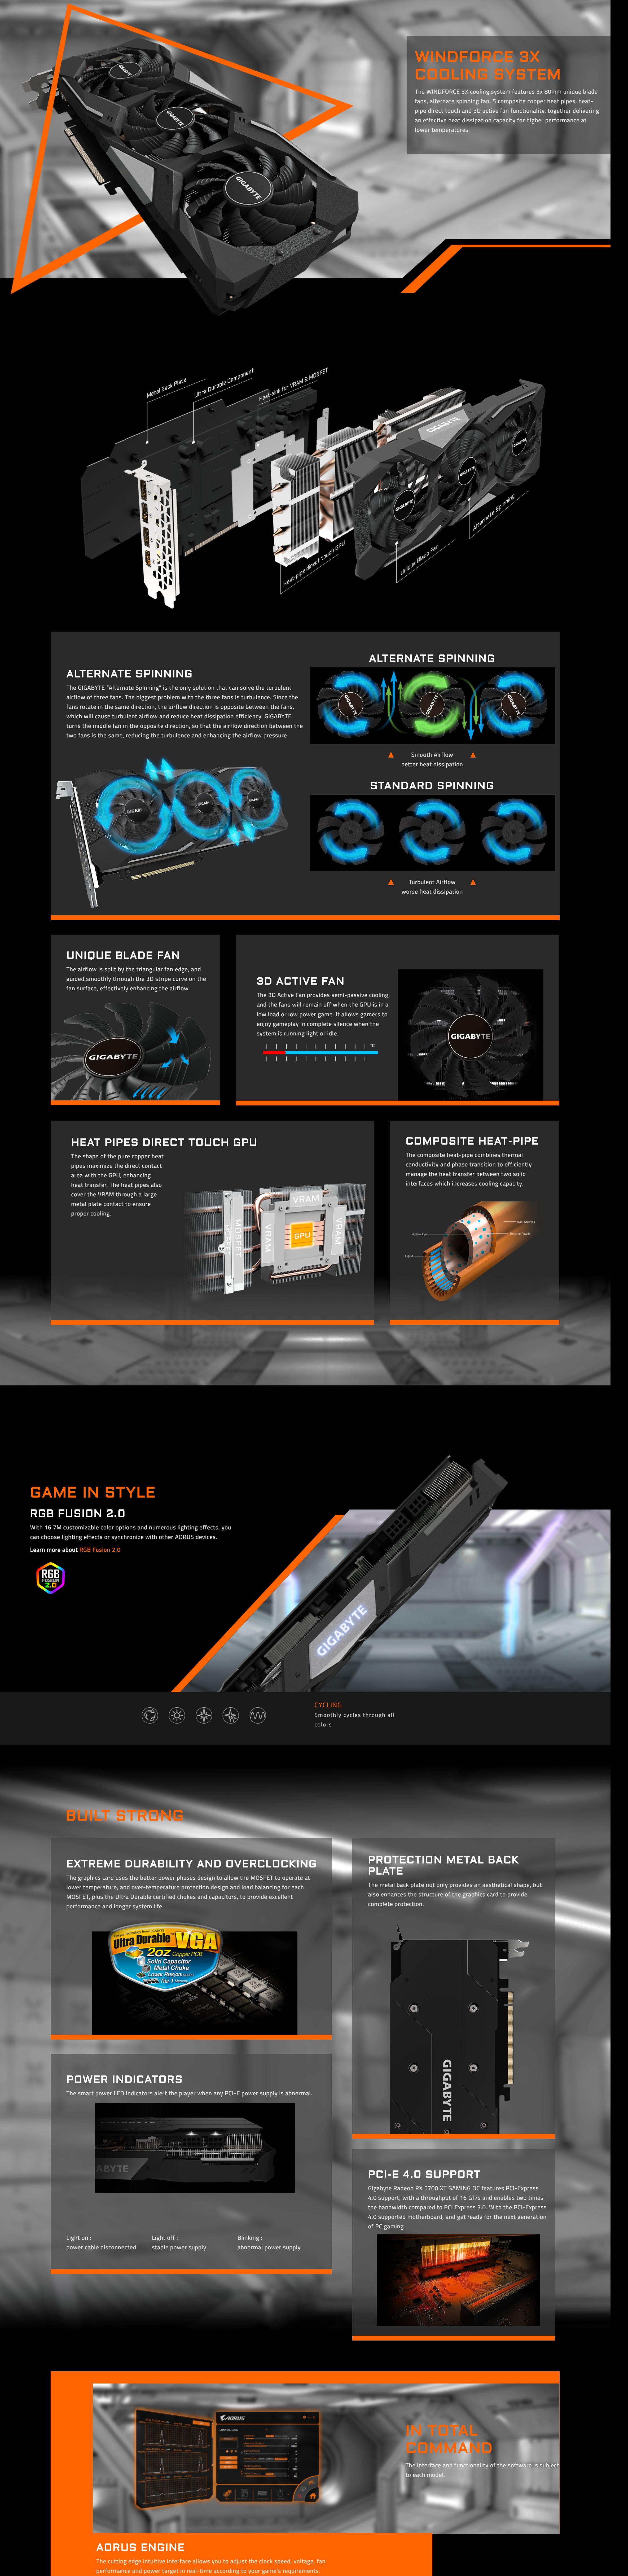 #1405 - 'Radeon™ RX 5700 XT GAMING OC 8G I Graphics Card - GIGABYTE Australia' - www_gigabyte_com.jpg